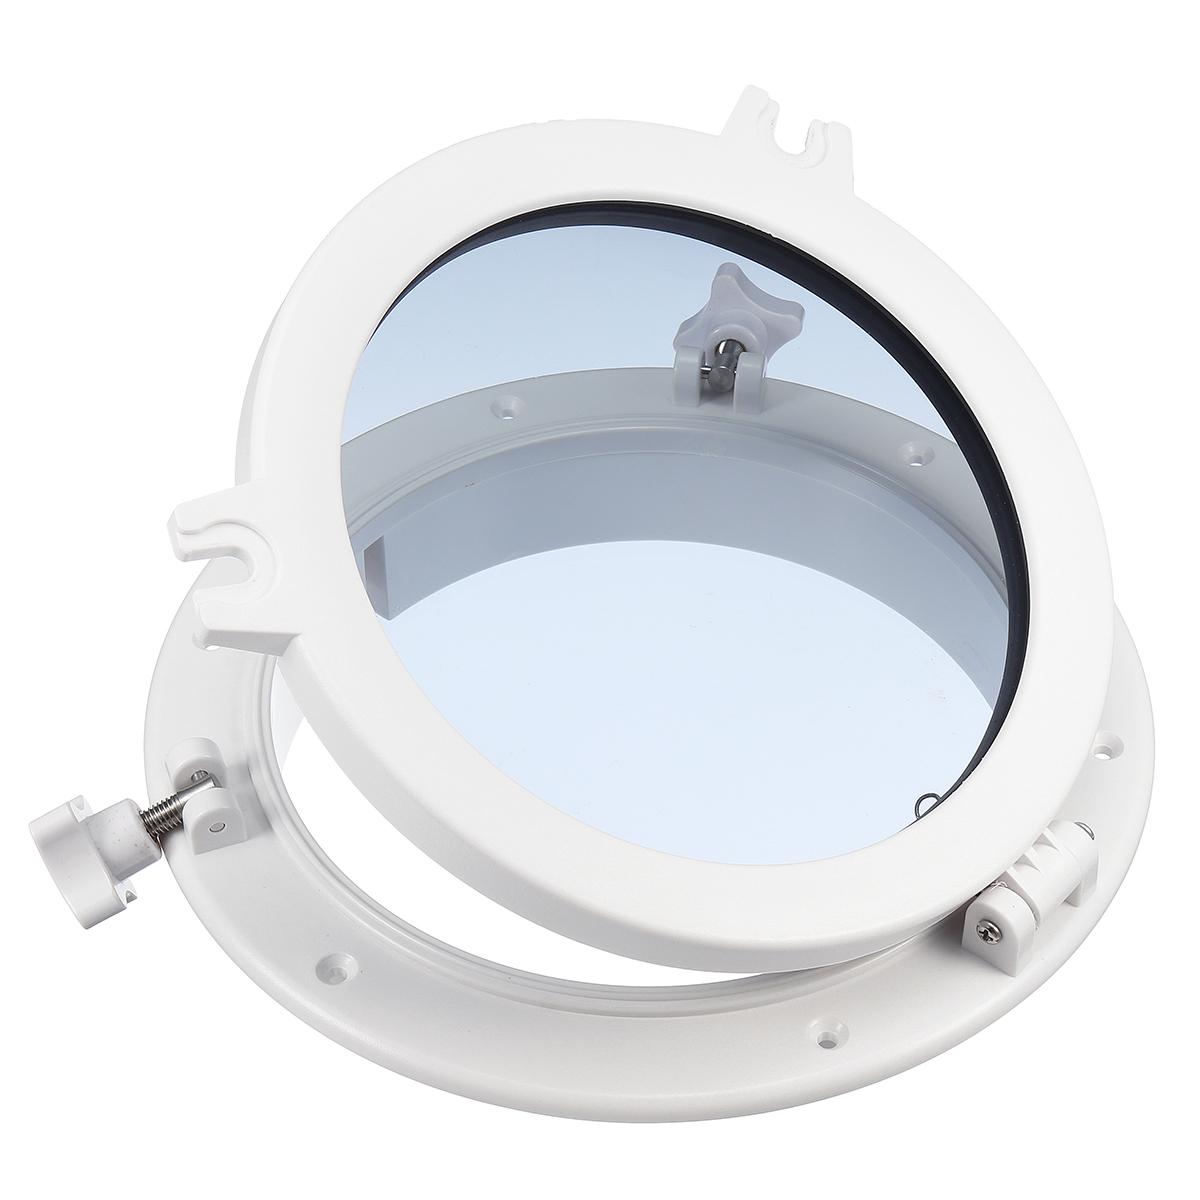 Rundfenster Fenster Weiß Bullauge 26cm 4mm Gehärtetes Glas Sehr hochwertig